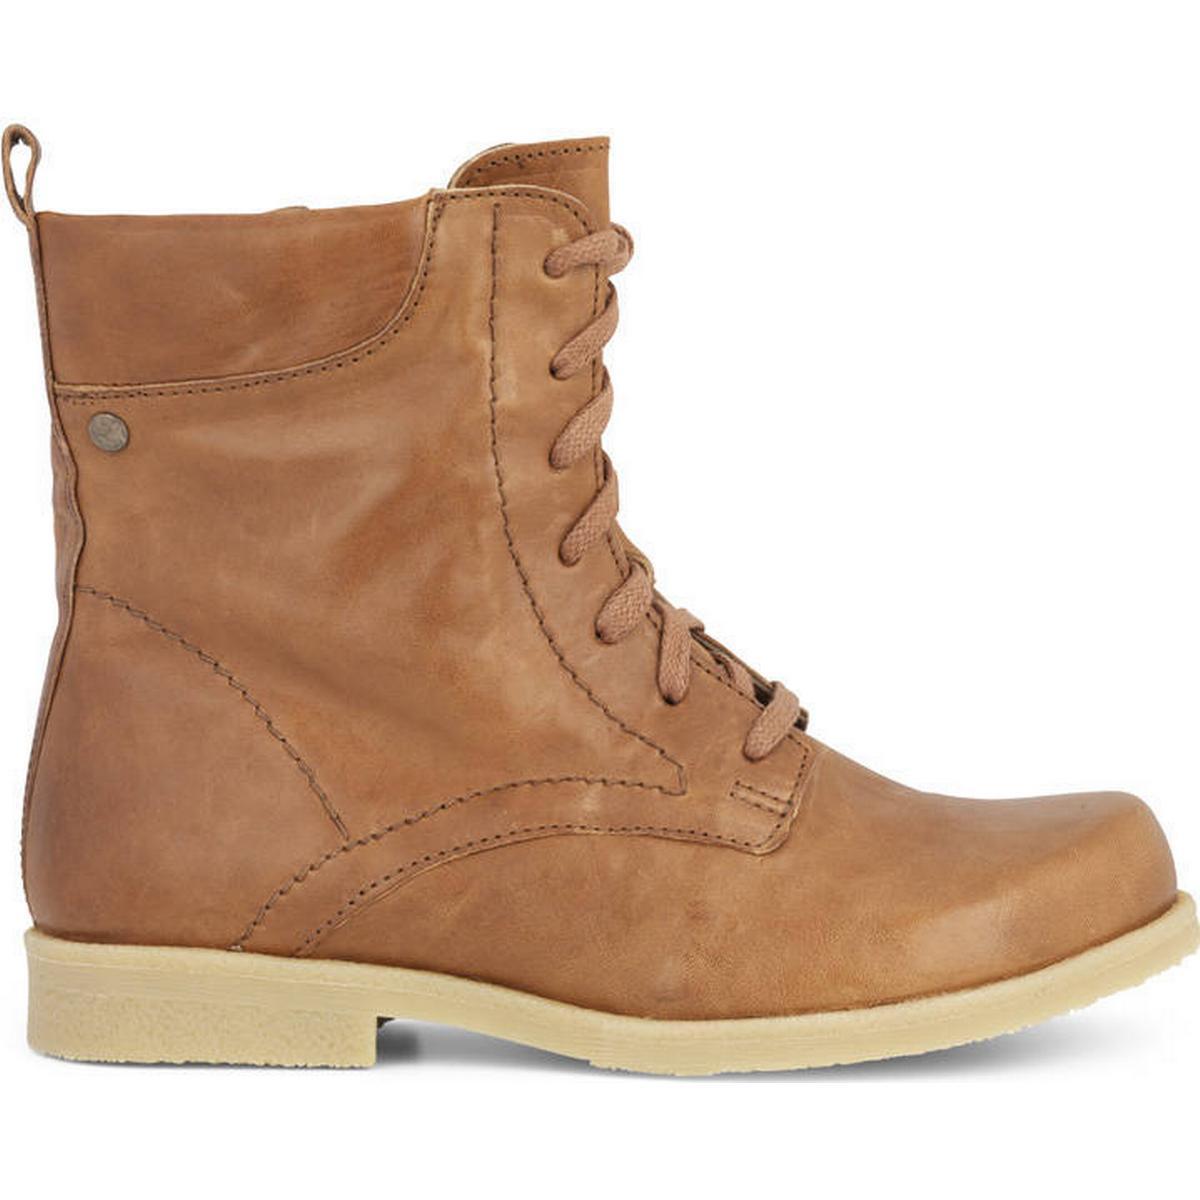 d700d0a39456 Green Comfort Støvler - Sammenlign priser hos PriceRunner